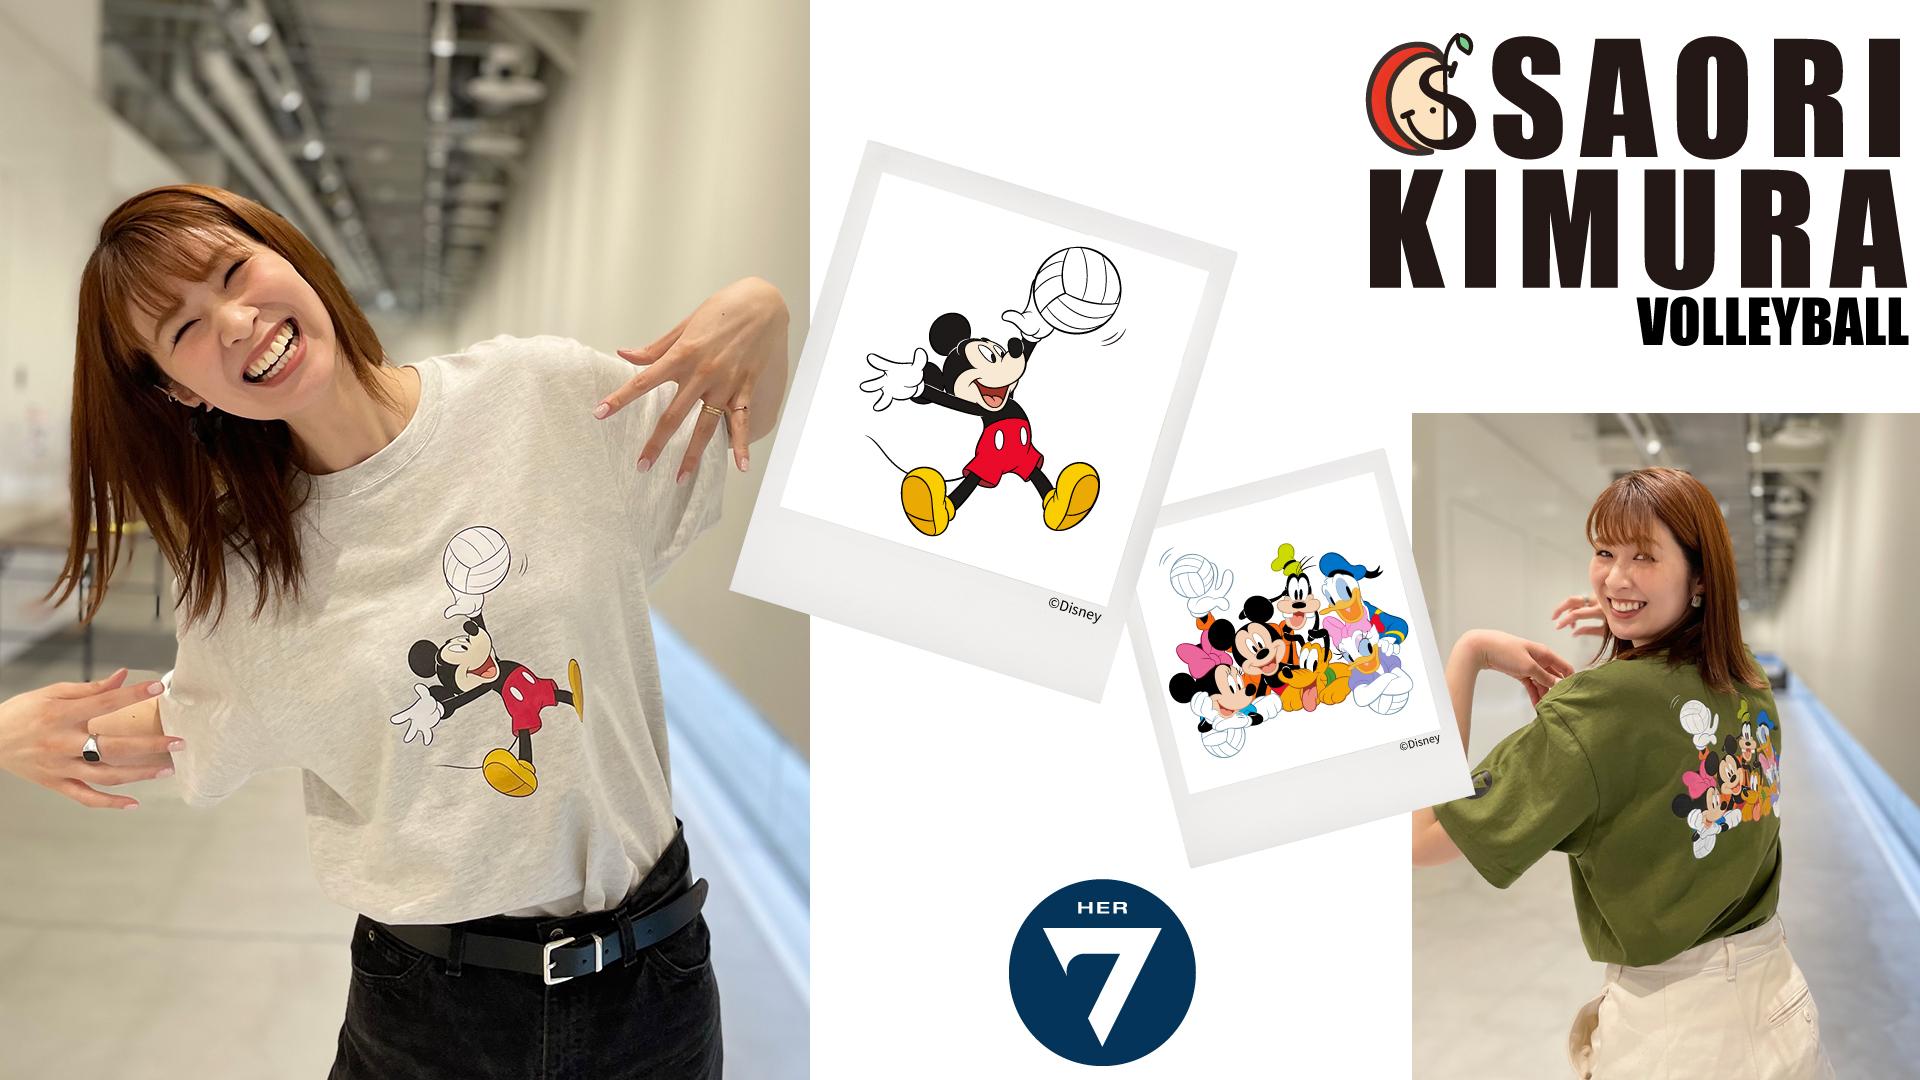 木村沙織さん、ディズニーバレーボールTシャツをプロデュース1